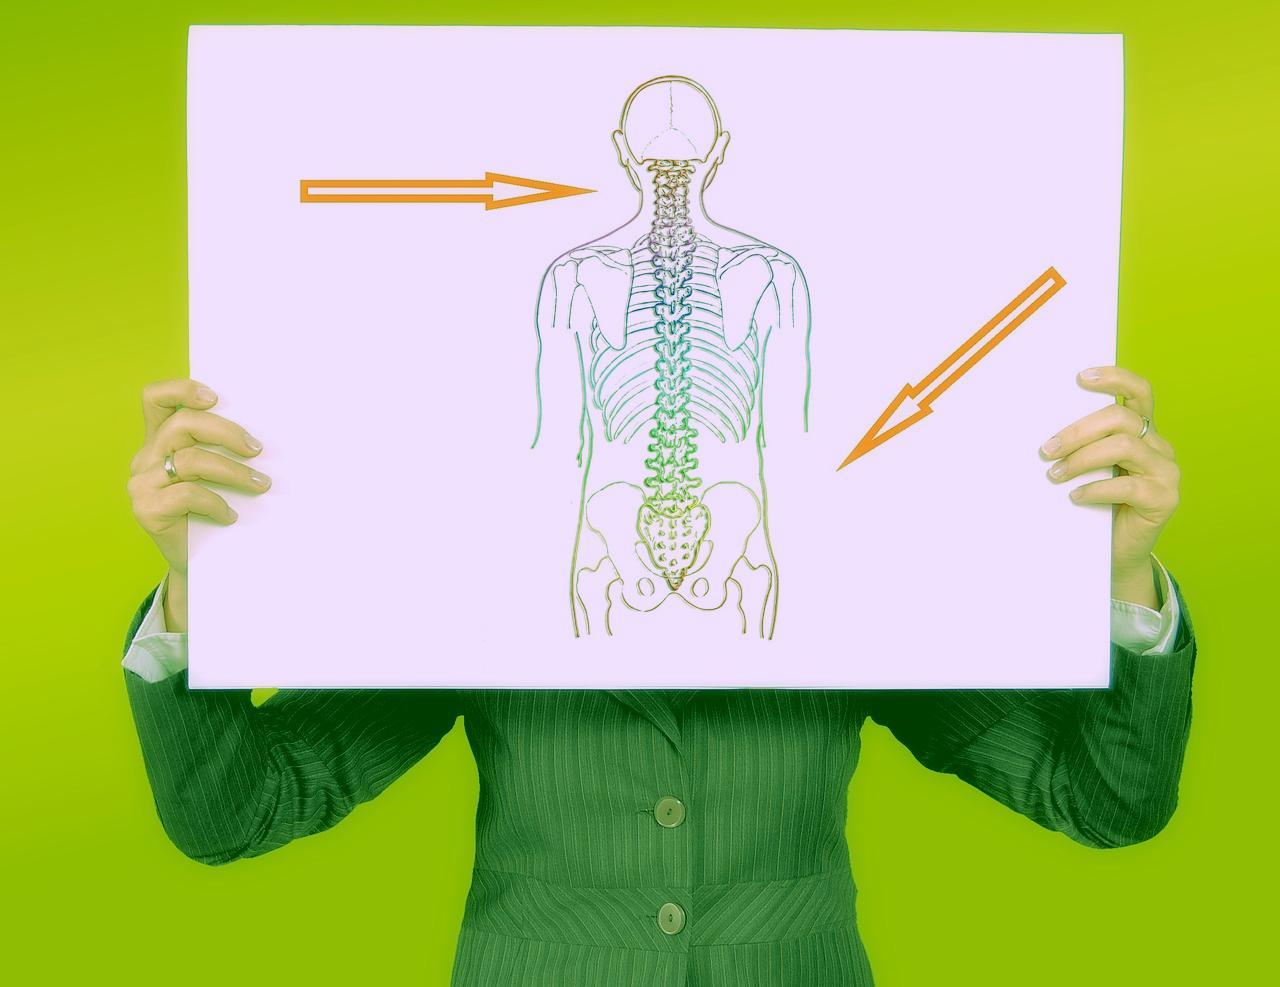 лікування захворювань хребта